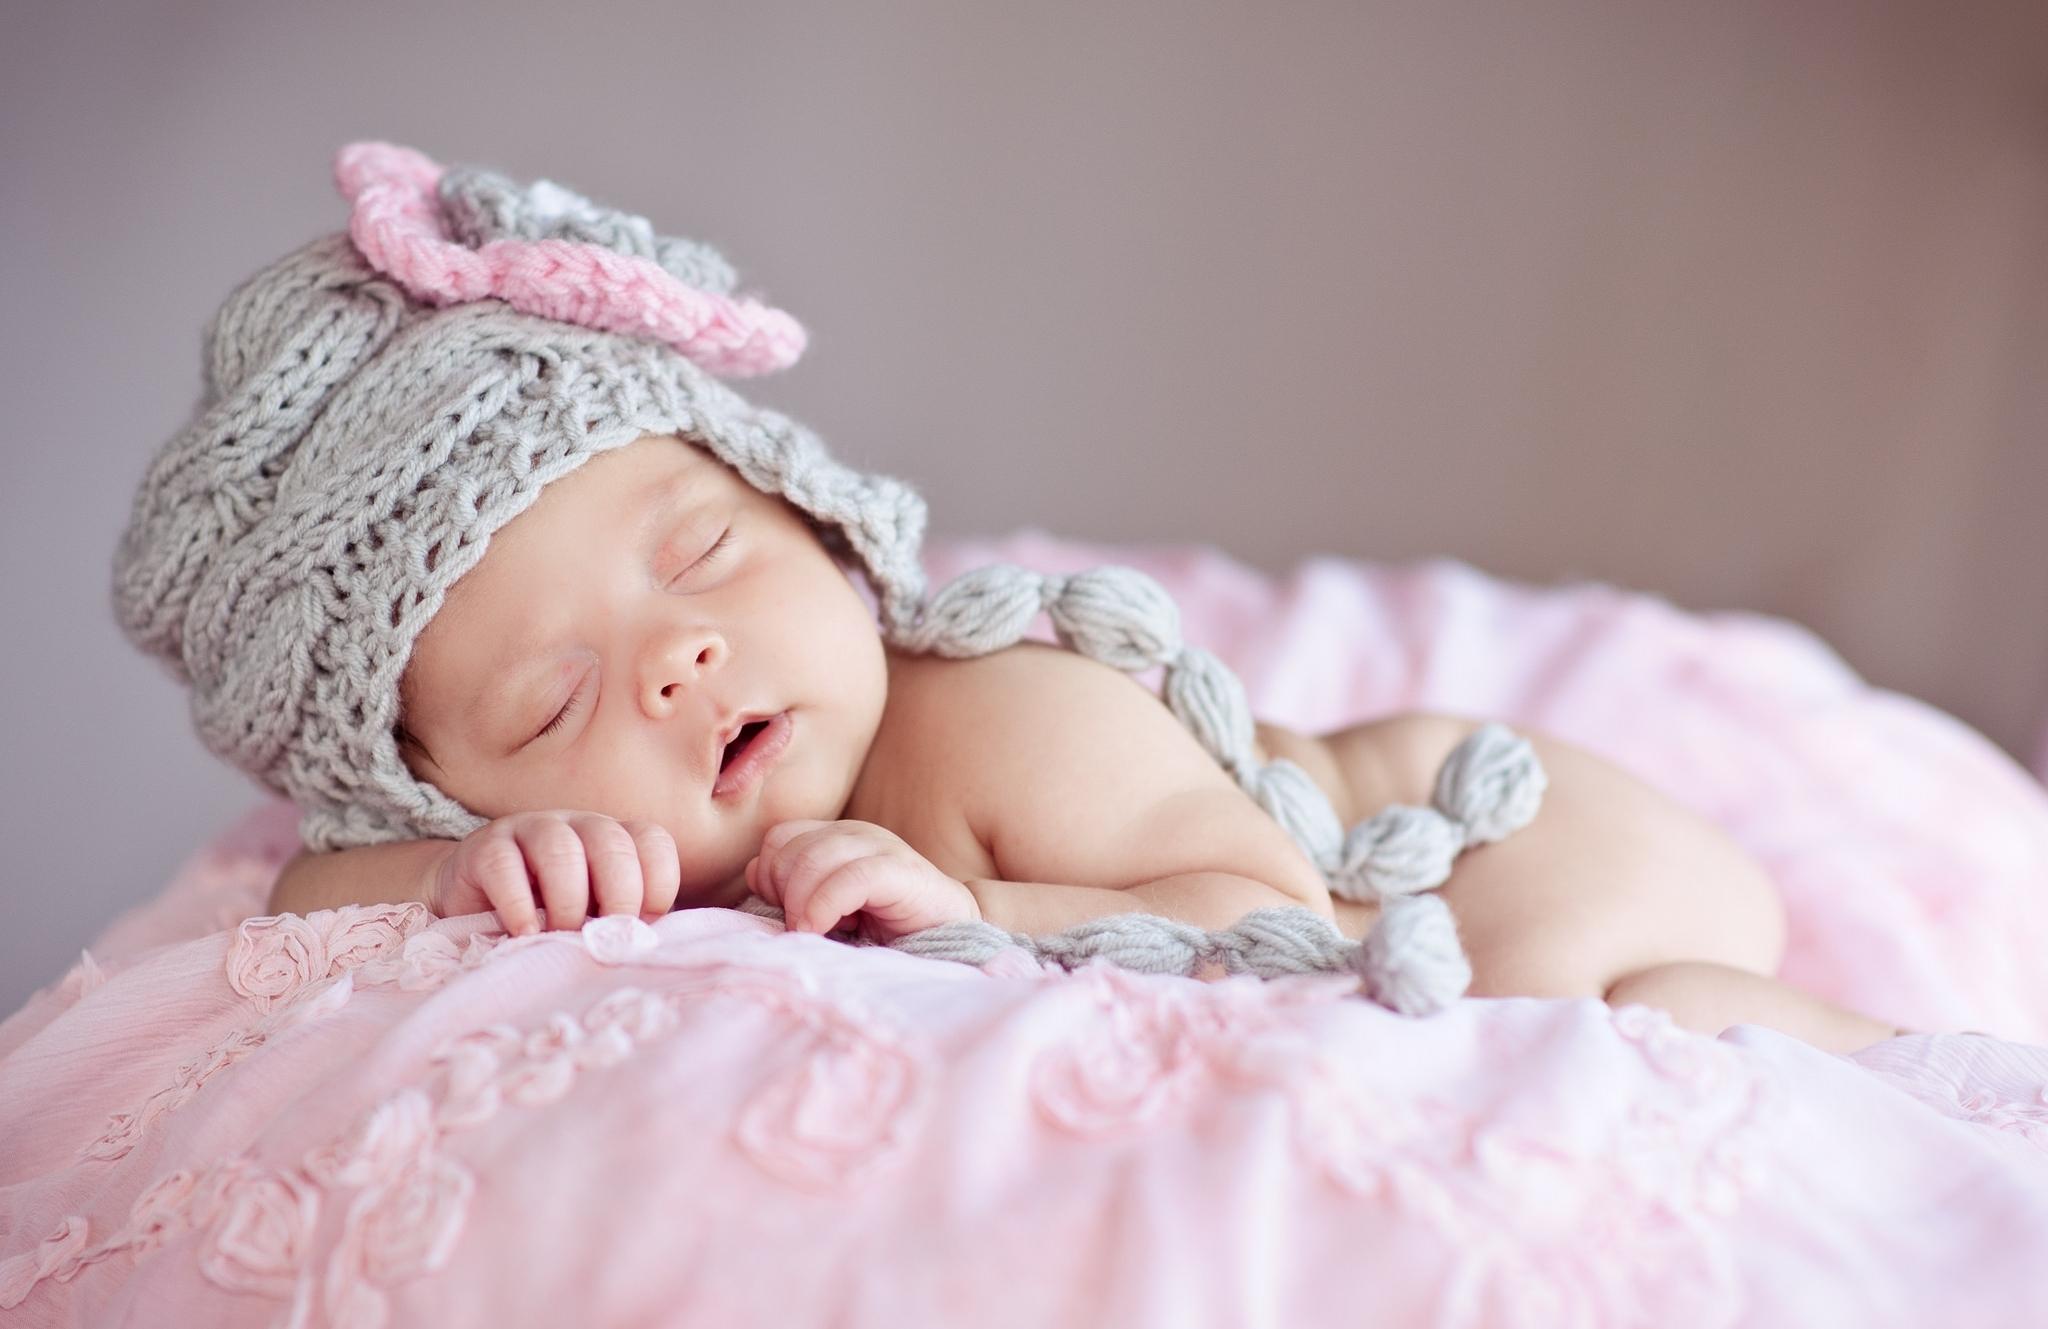 Свадьбой поздравляю, фото красивые новорожденных